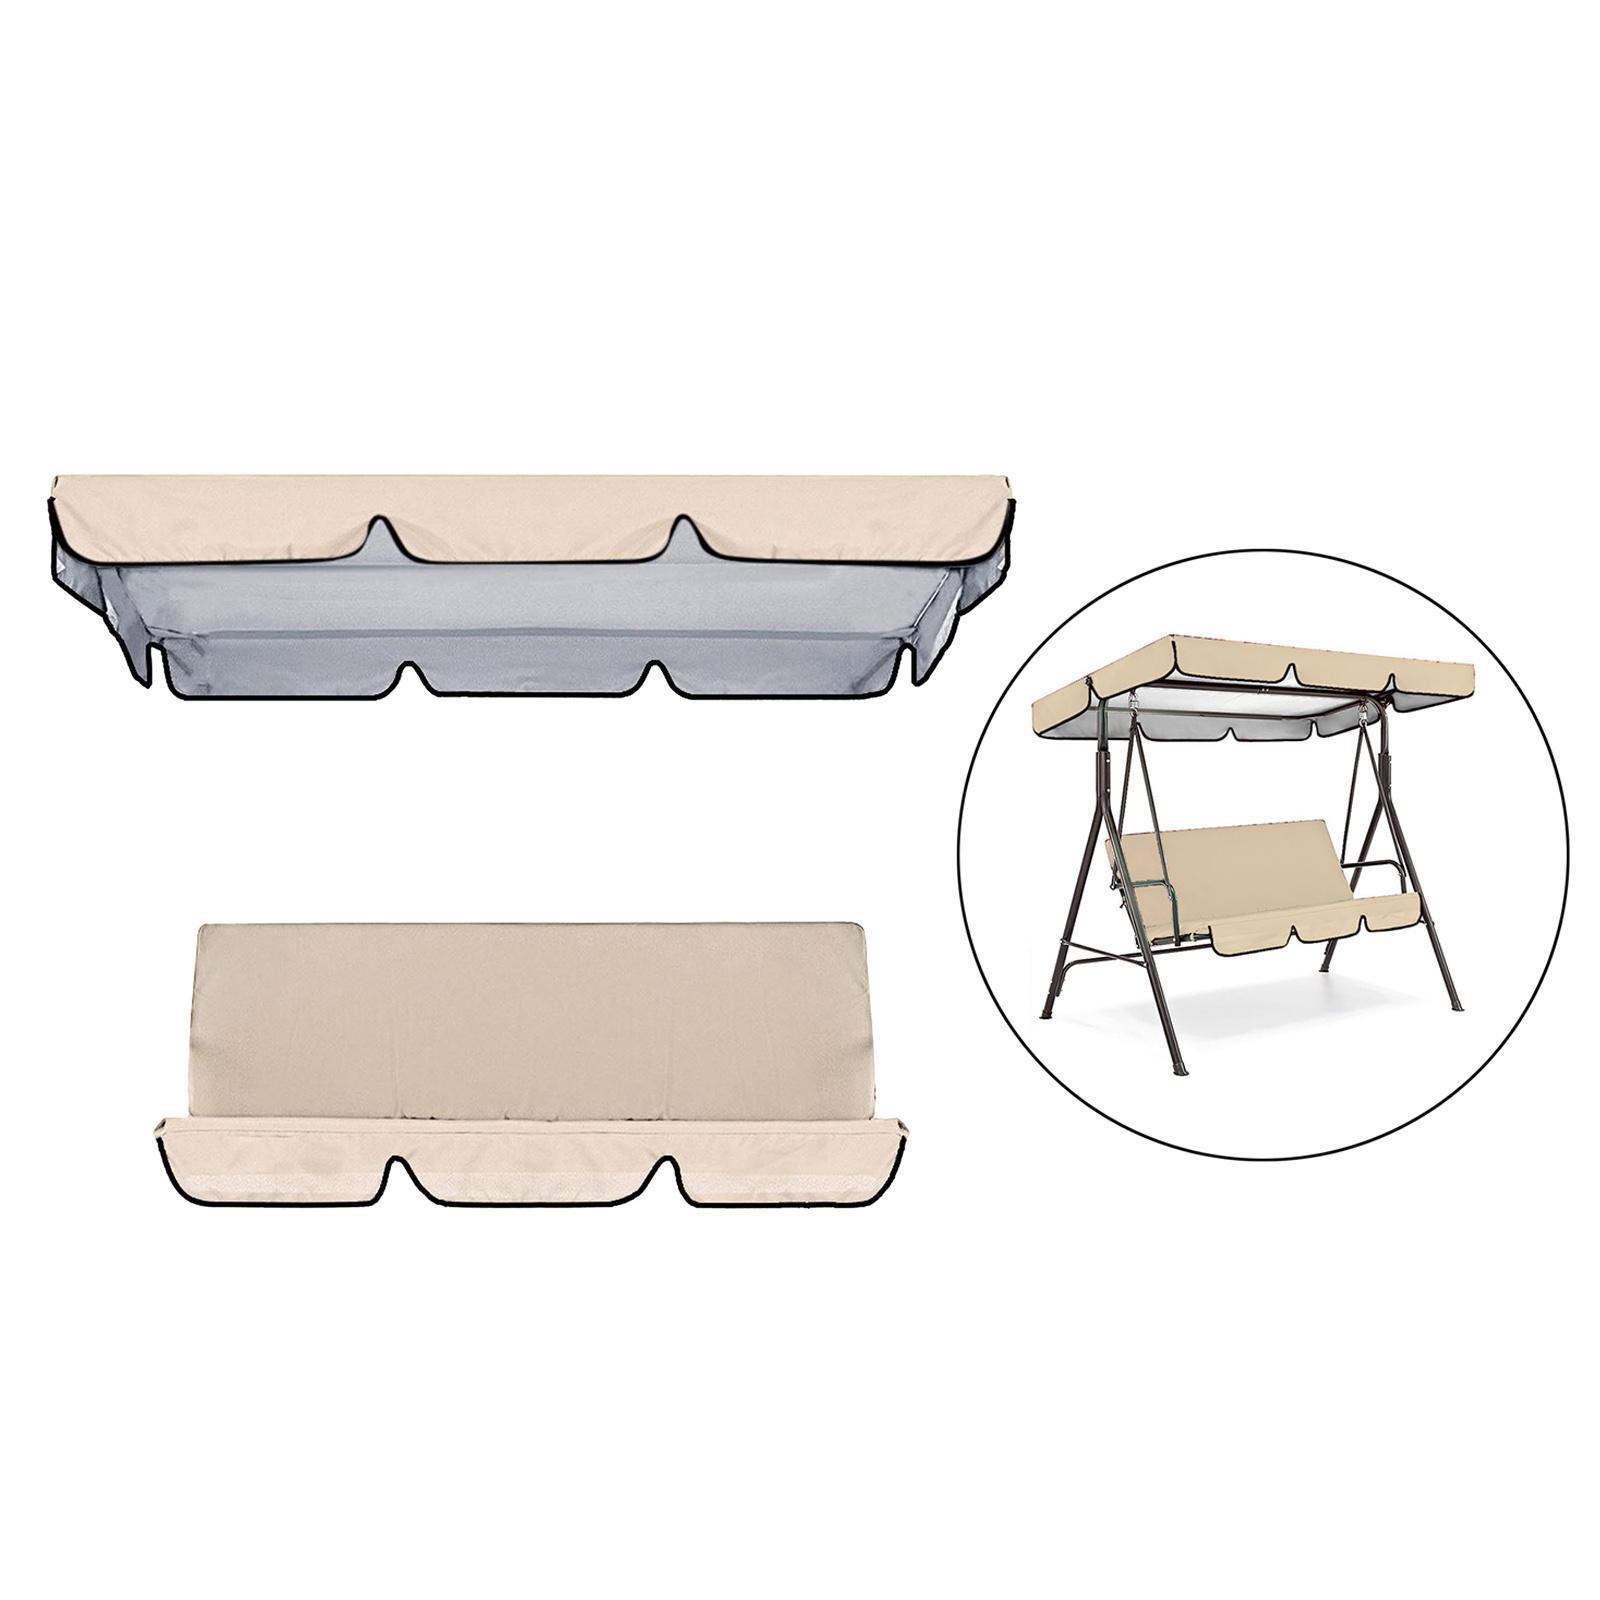 miniatura 22 - Coprisedile di ricambio per amaca per sedia a dondolo da esterno per patio